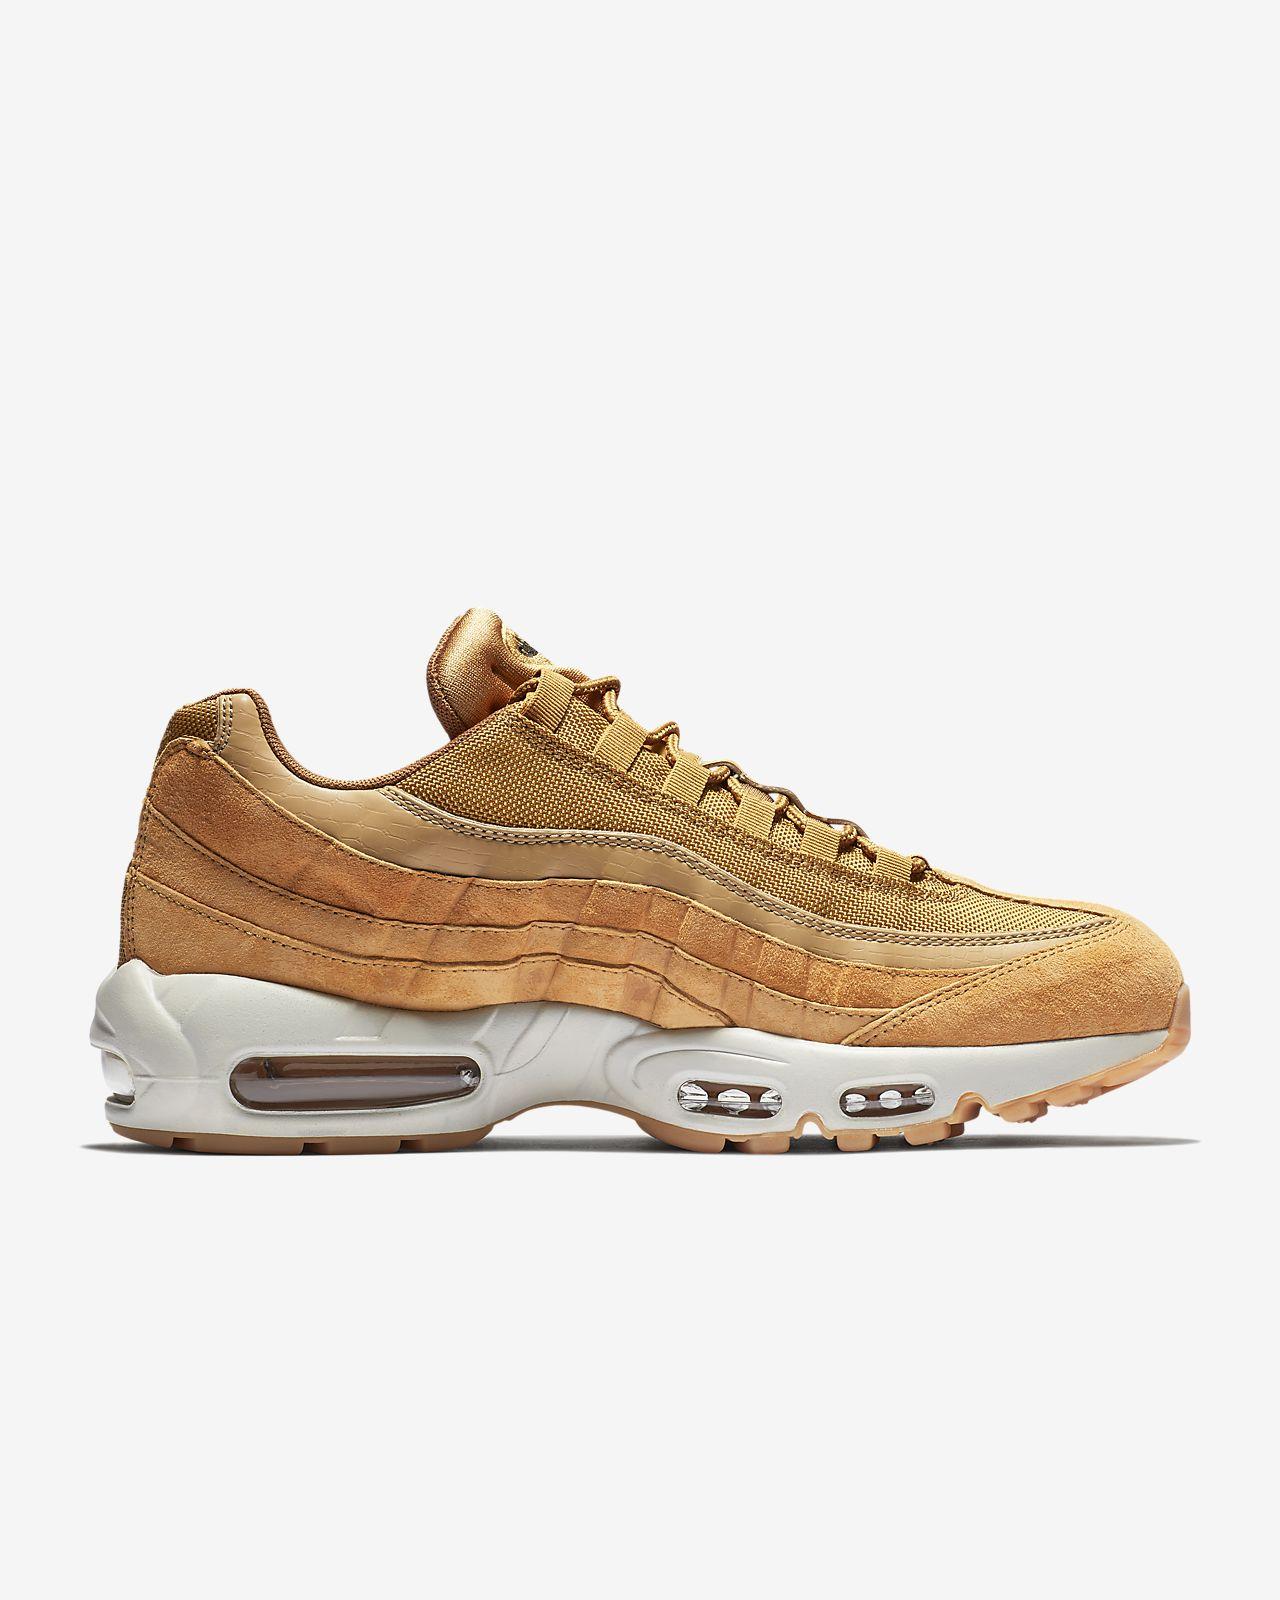 hot sale online bee07 e01dd ... Nike Air Max 95 SE Men s Shoe